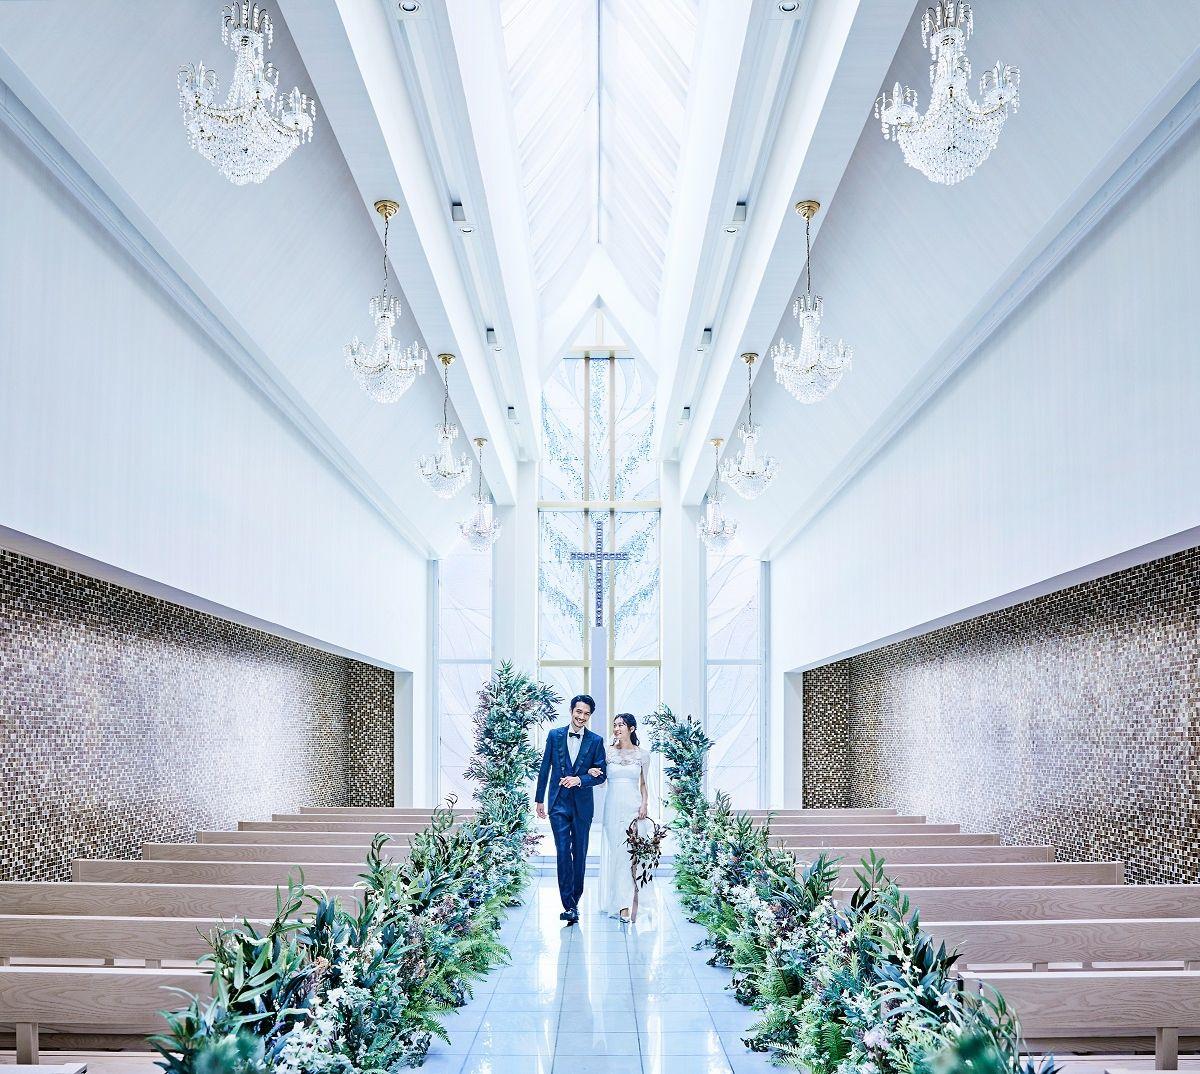 ホテルアソシア静岡の公式写真1枚目